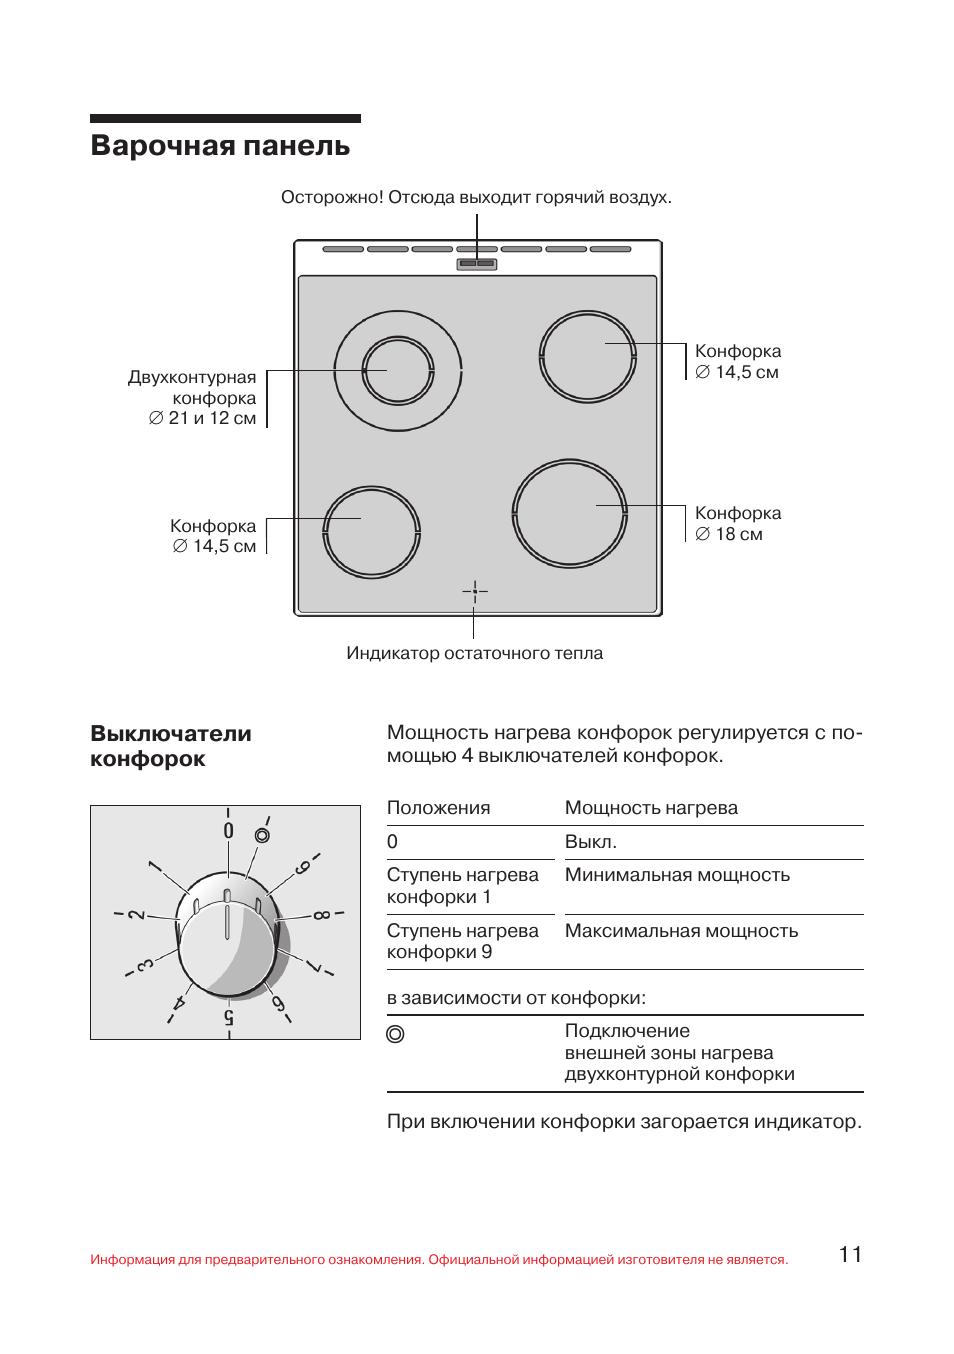 инструкция варочной панели бош